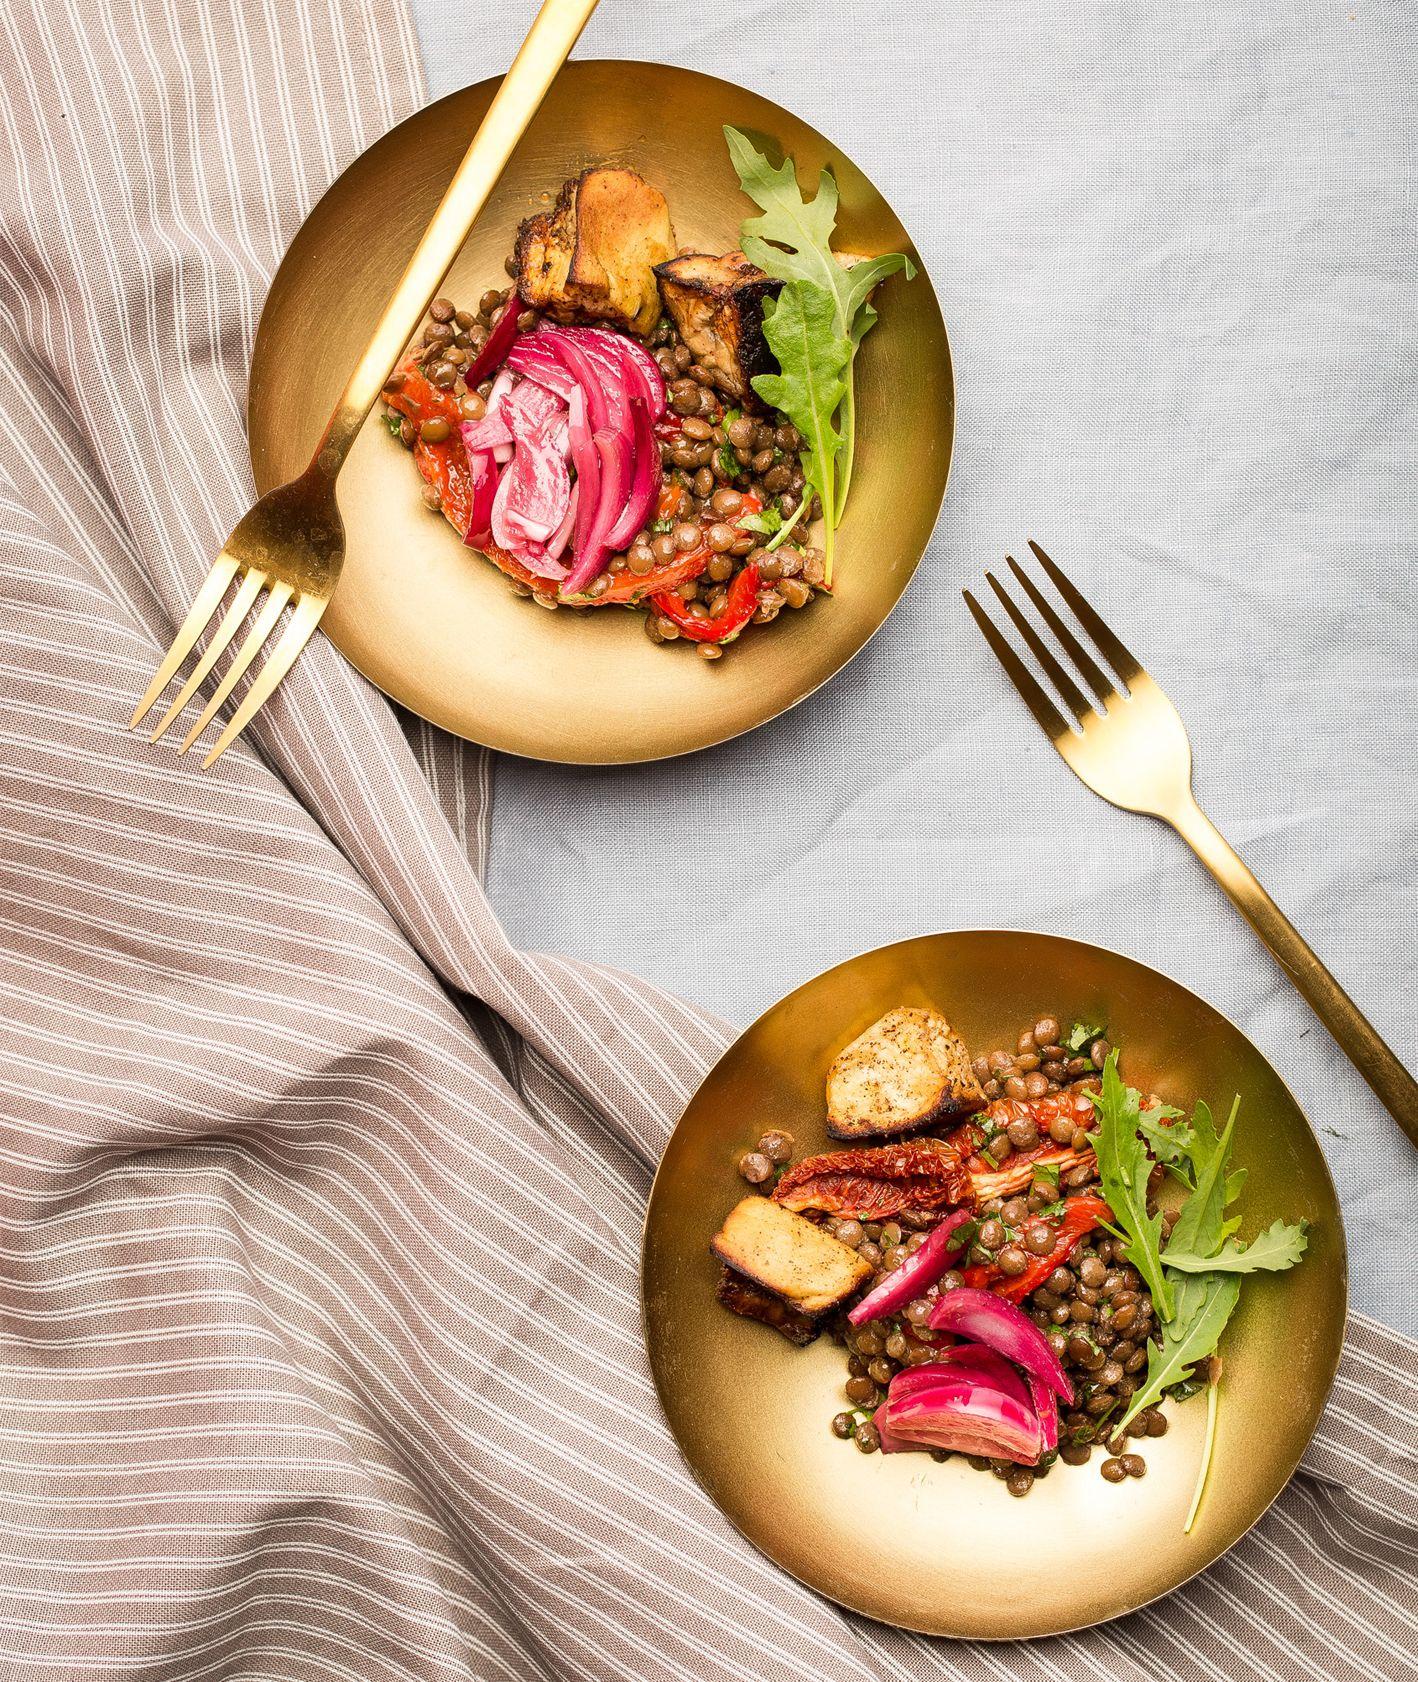 Sałatka z soczewicy z pieczonymi warzywami, pomysł na zdrową sałatkę z soczewicą i warzywami (fot. dinnershow.studio)